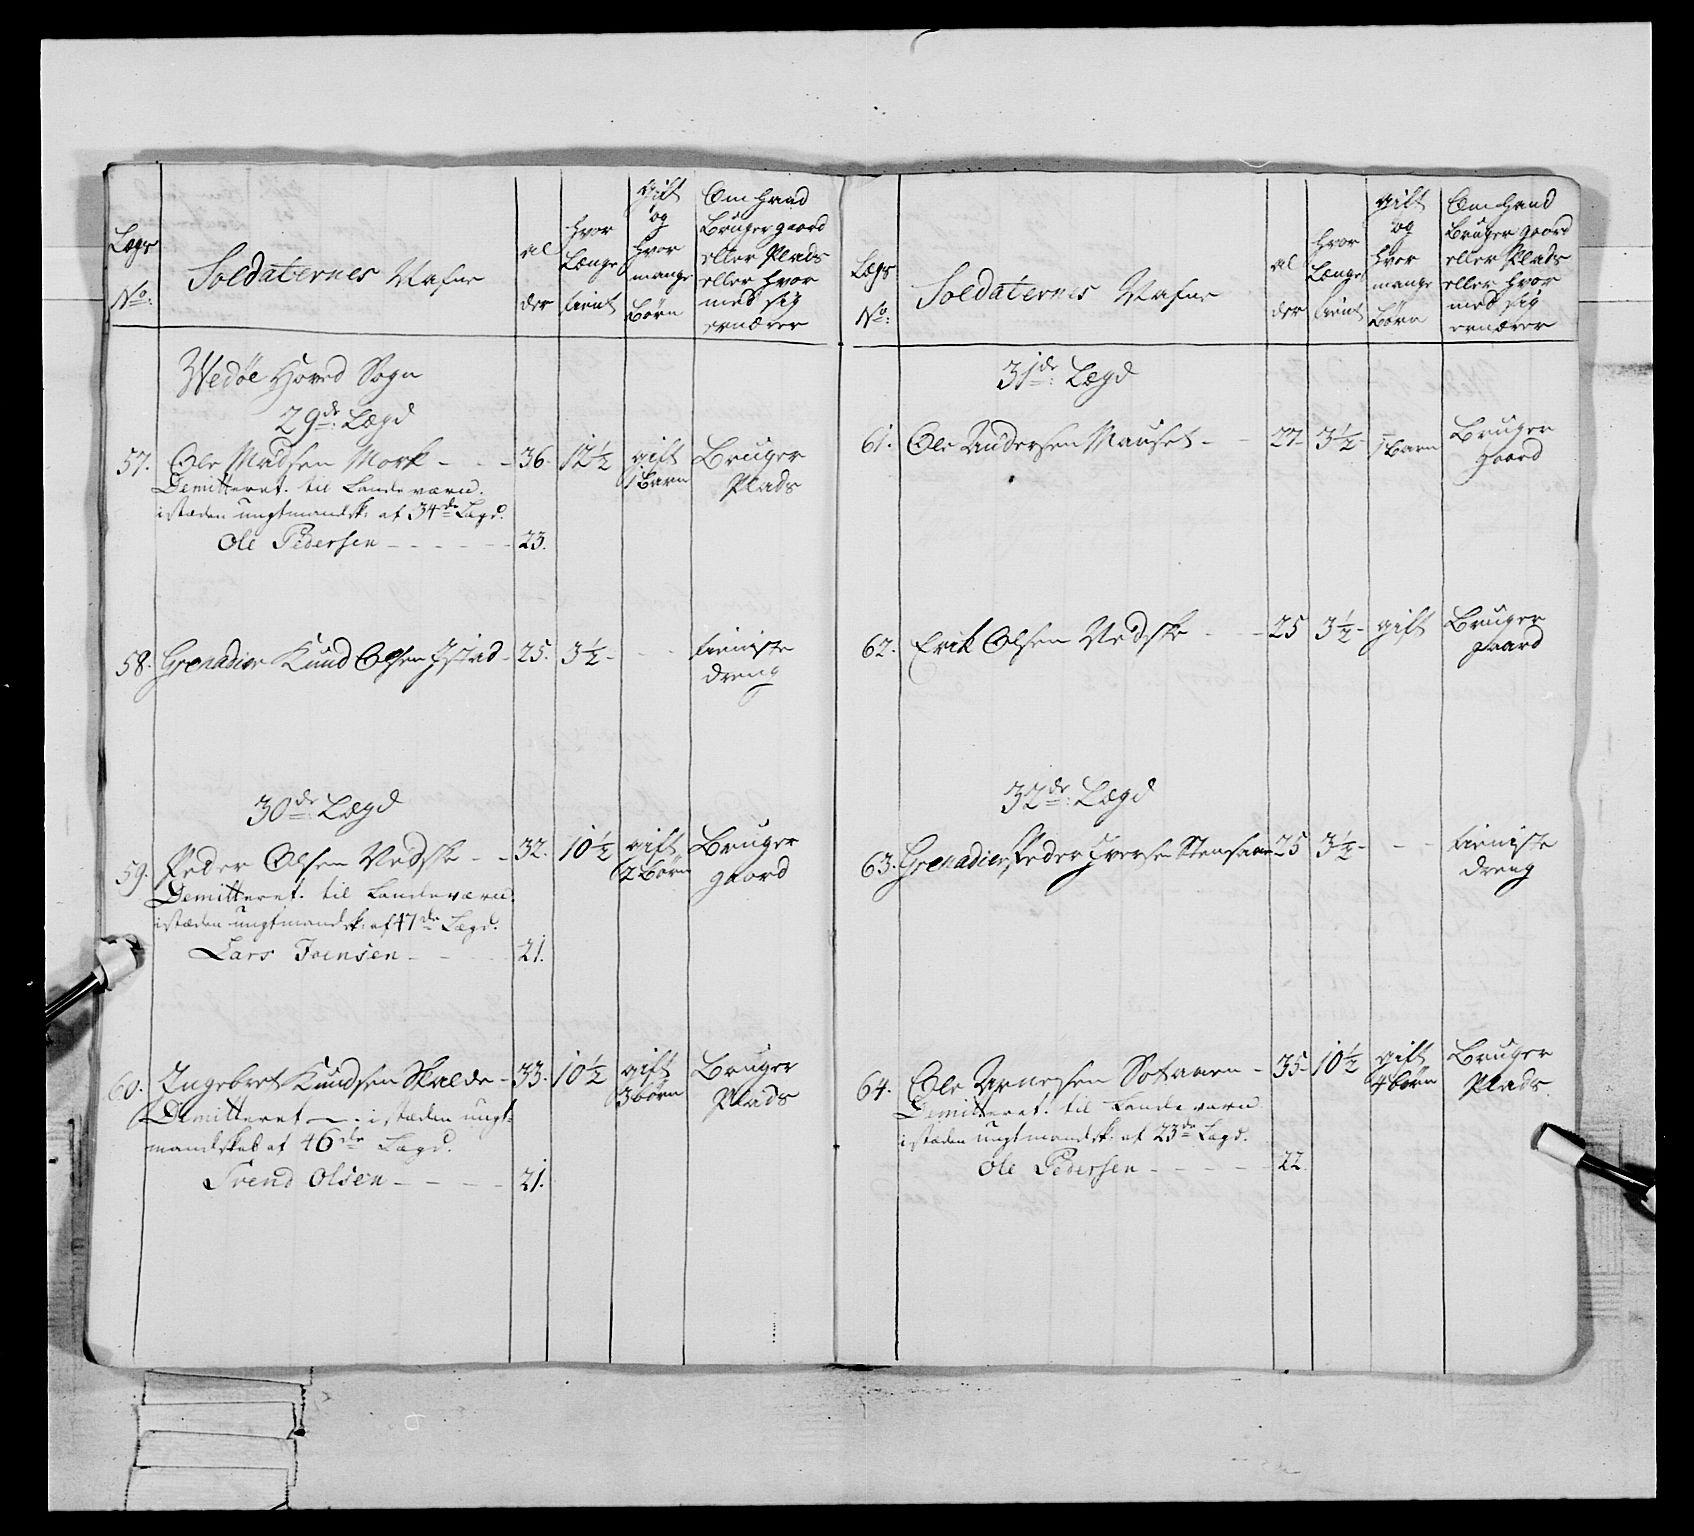 RA, Generalitets- og kommissariatskollegiet, Det kongelige norske kommissariatskollegium, E/Eh/L0076: 2. Trondheimske nasjonale infanteriregiment, 1766-1773, s. 476